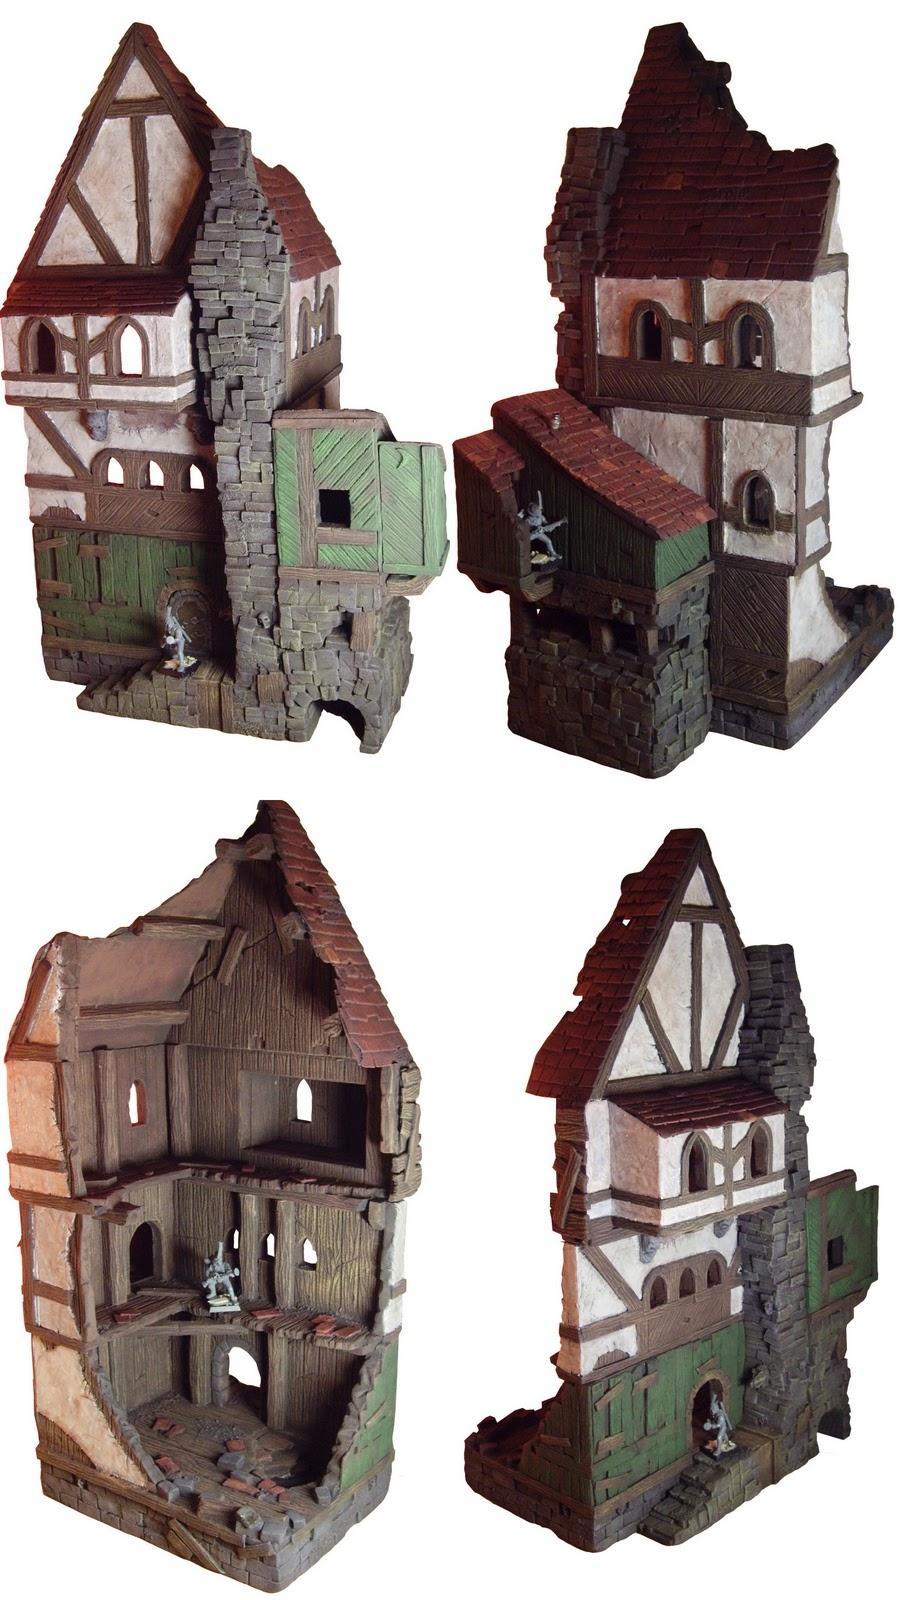 Arny, Medieval, Mordheim, Terrain, Ultraterrain, Wargaming